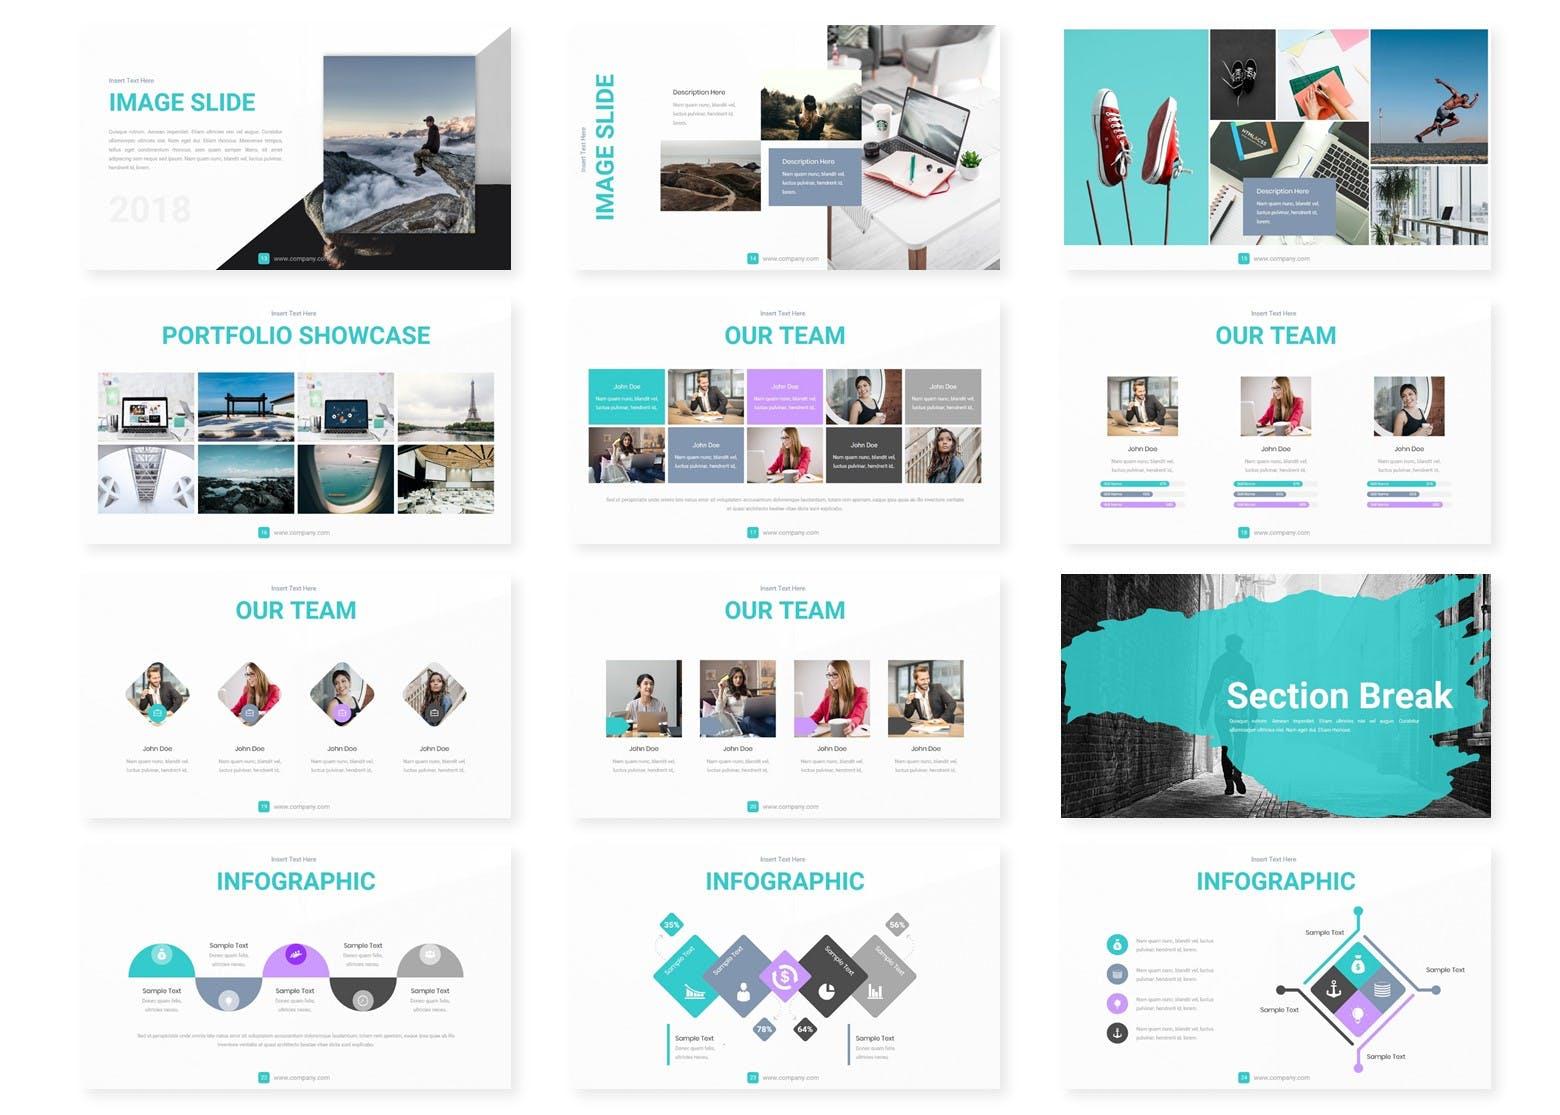 企业历史发展回顾主题演讲PPT幻灯片模板Meditera Keynote Template插图(2)